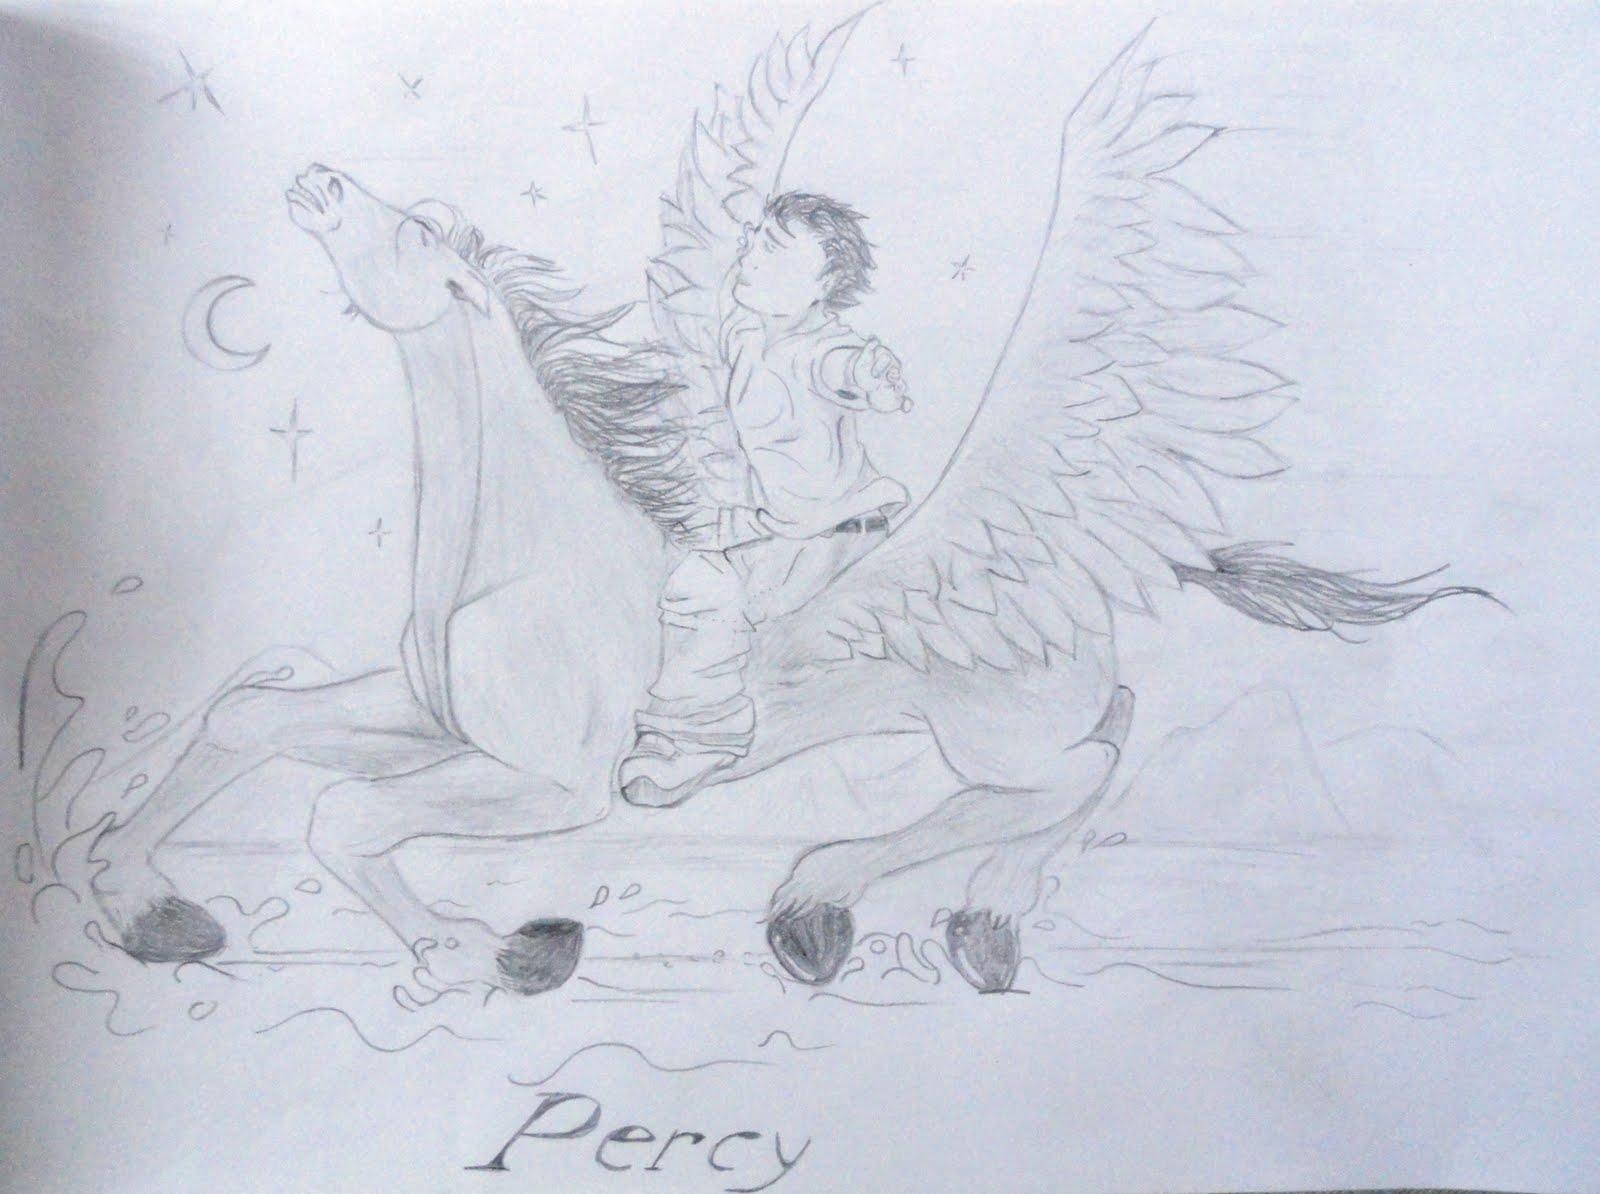 http://4.bp.blogspot.com/-tLd03wfG5gs/Tk0OTjQ_JAI/AAAAAAAAAKM/Vye0IsSynGE/s1600/Blackjack+and+Percy.JPG